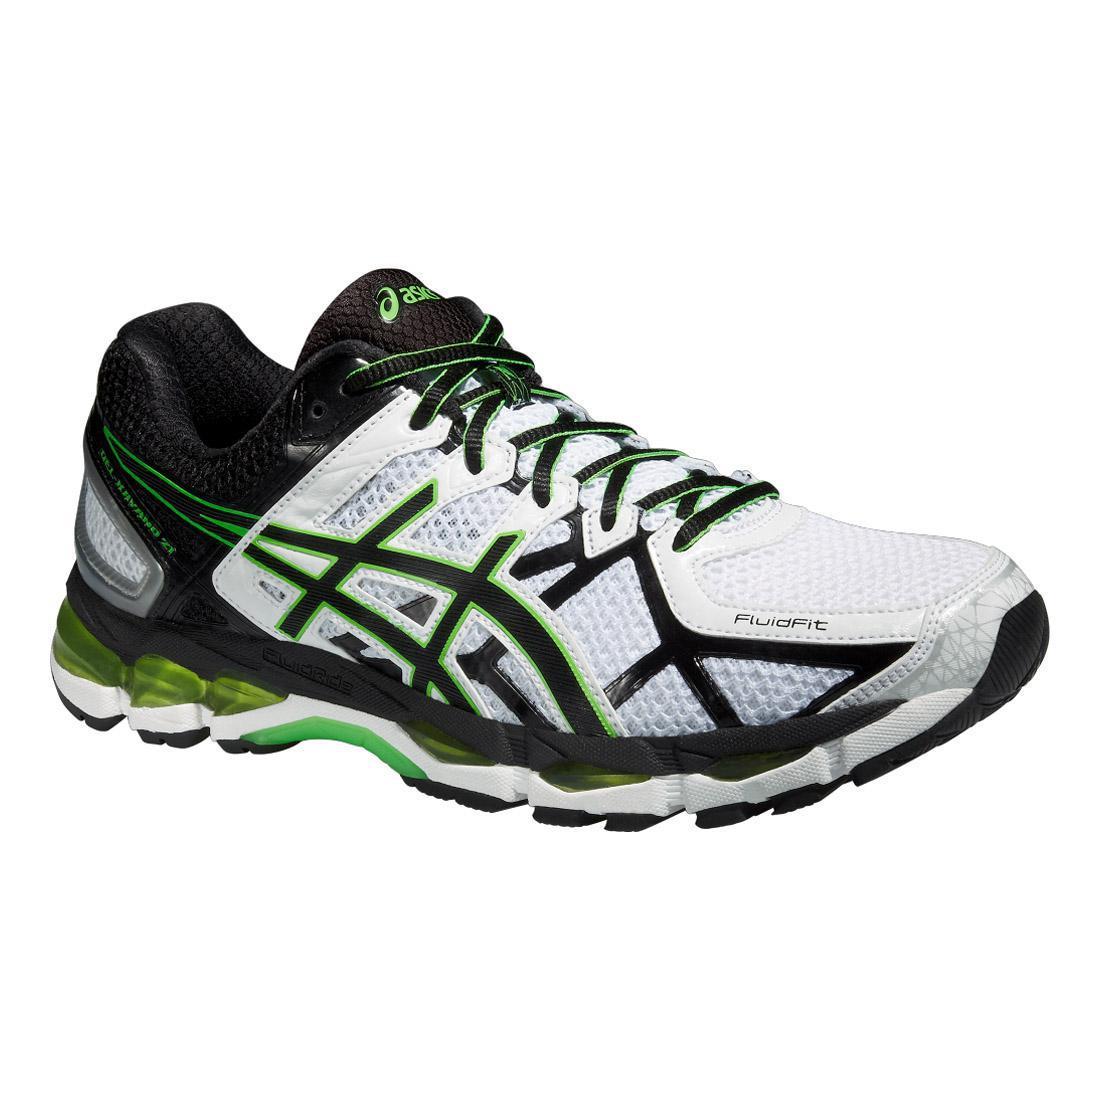 Asics Mens GEL-Kayano 21 Running Shoes - White/Black